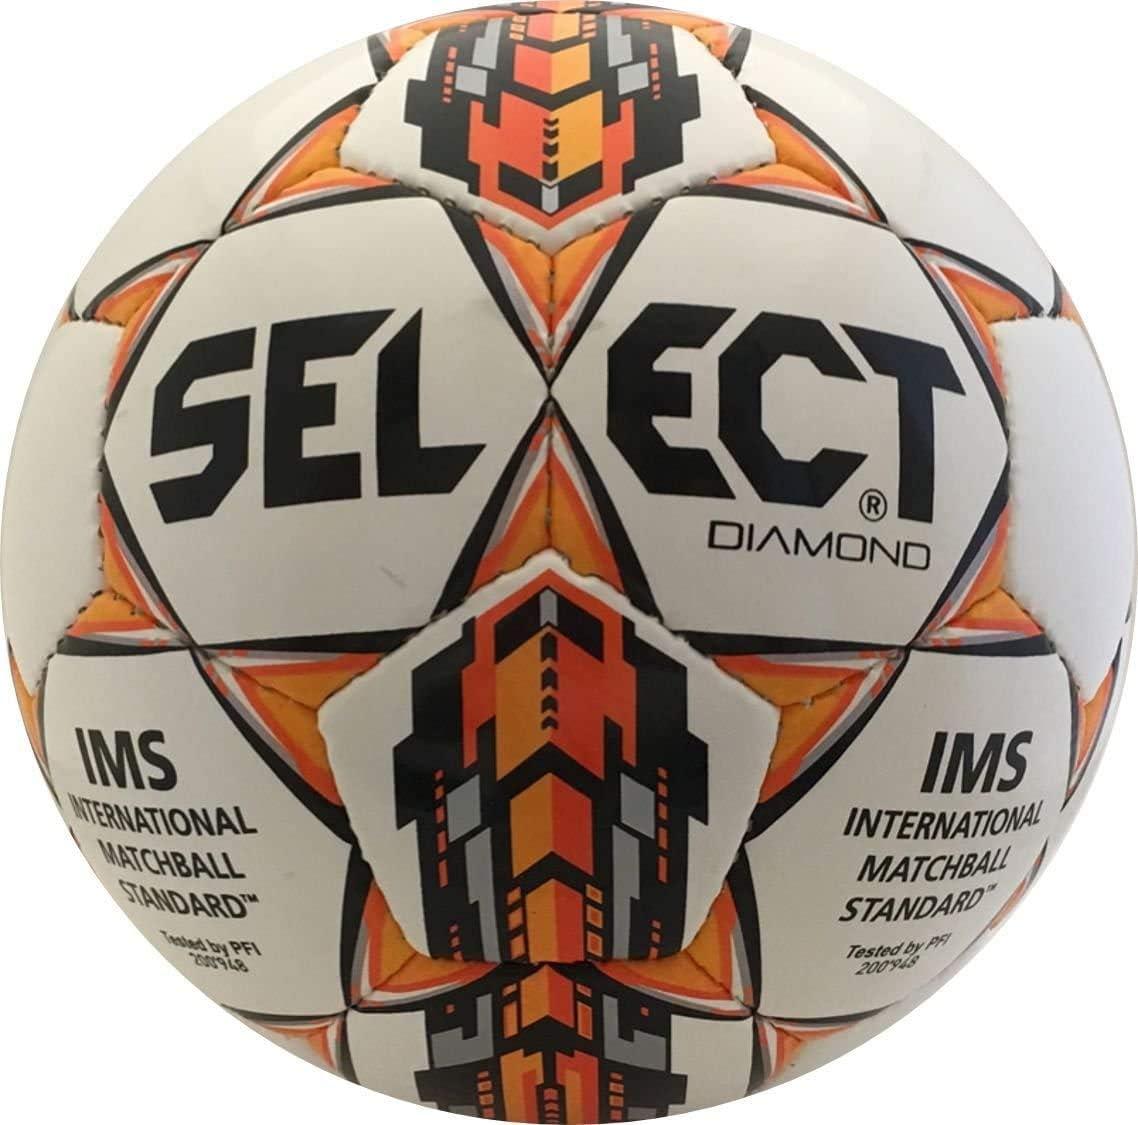 SELECT Diamond Soccer Ball Series 1-Ball and 8-Ball Team Pack